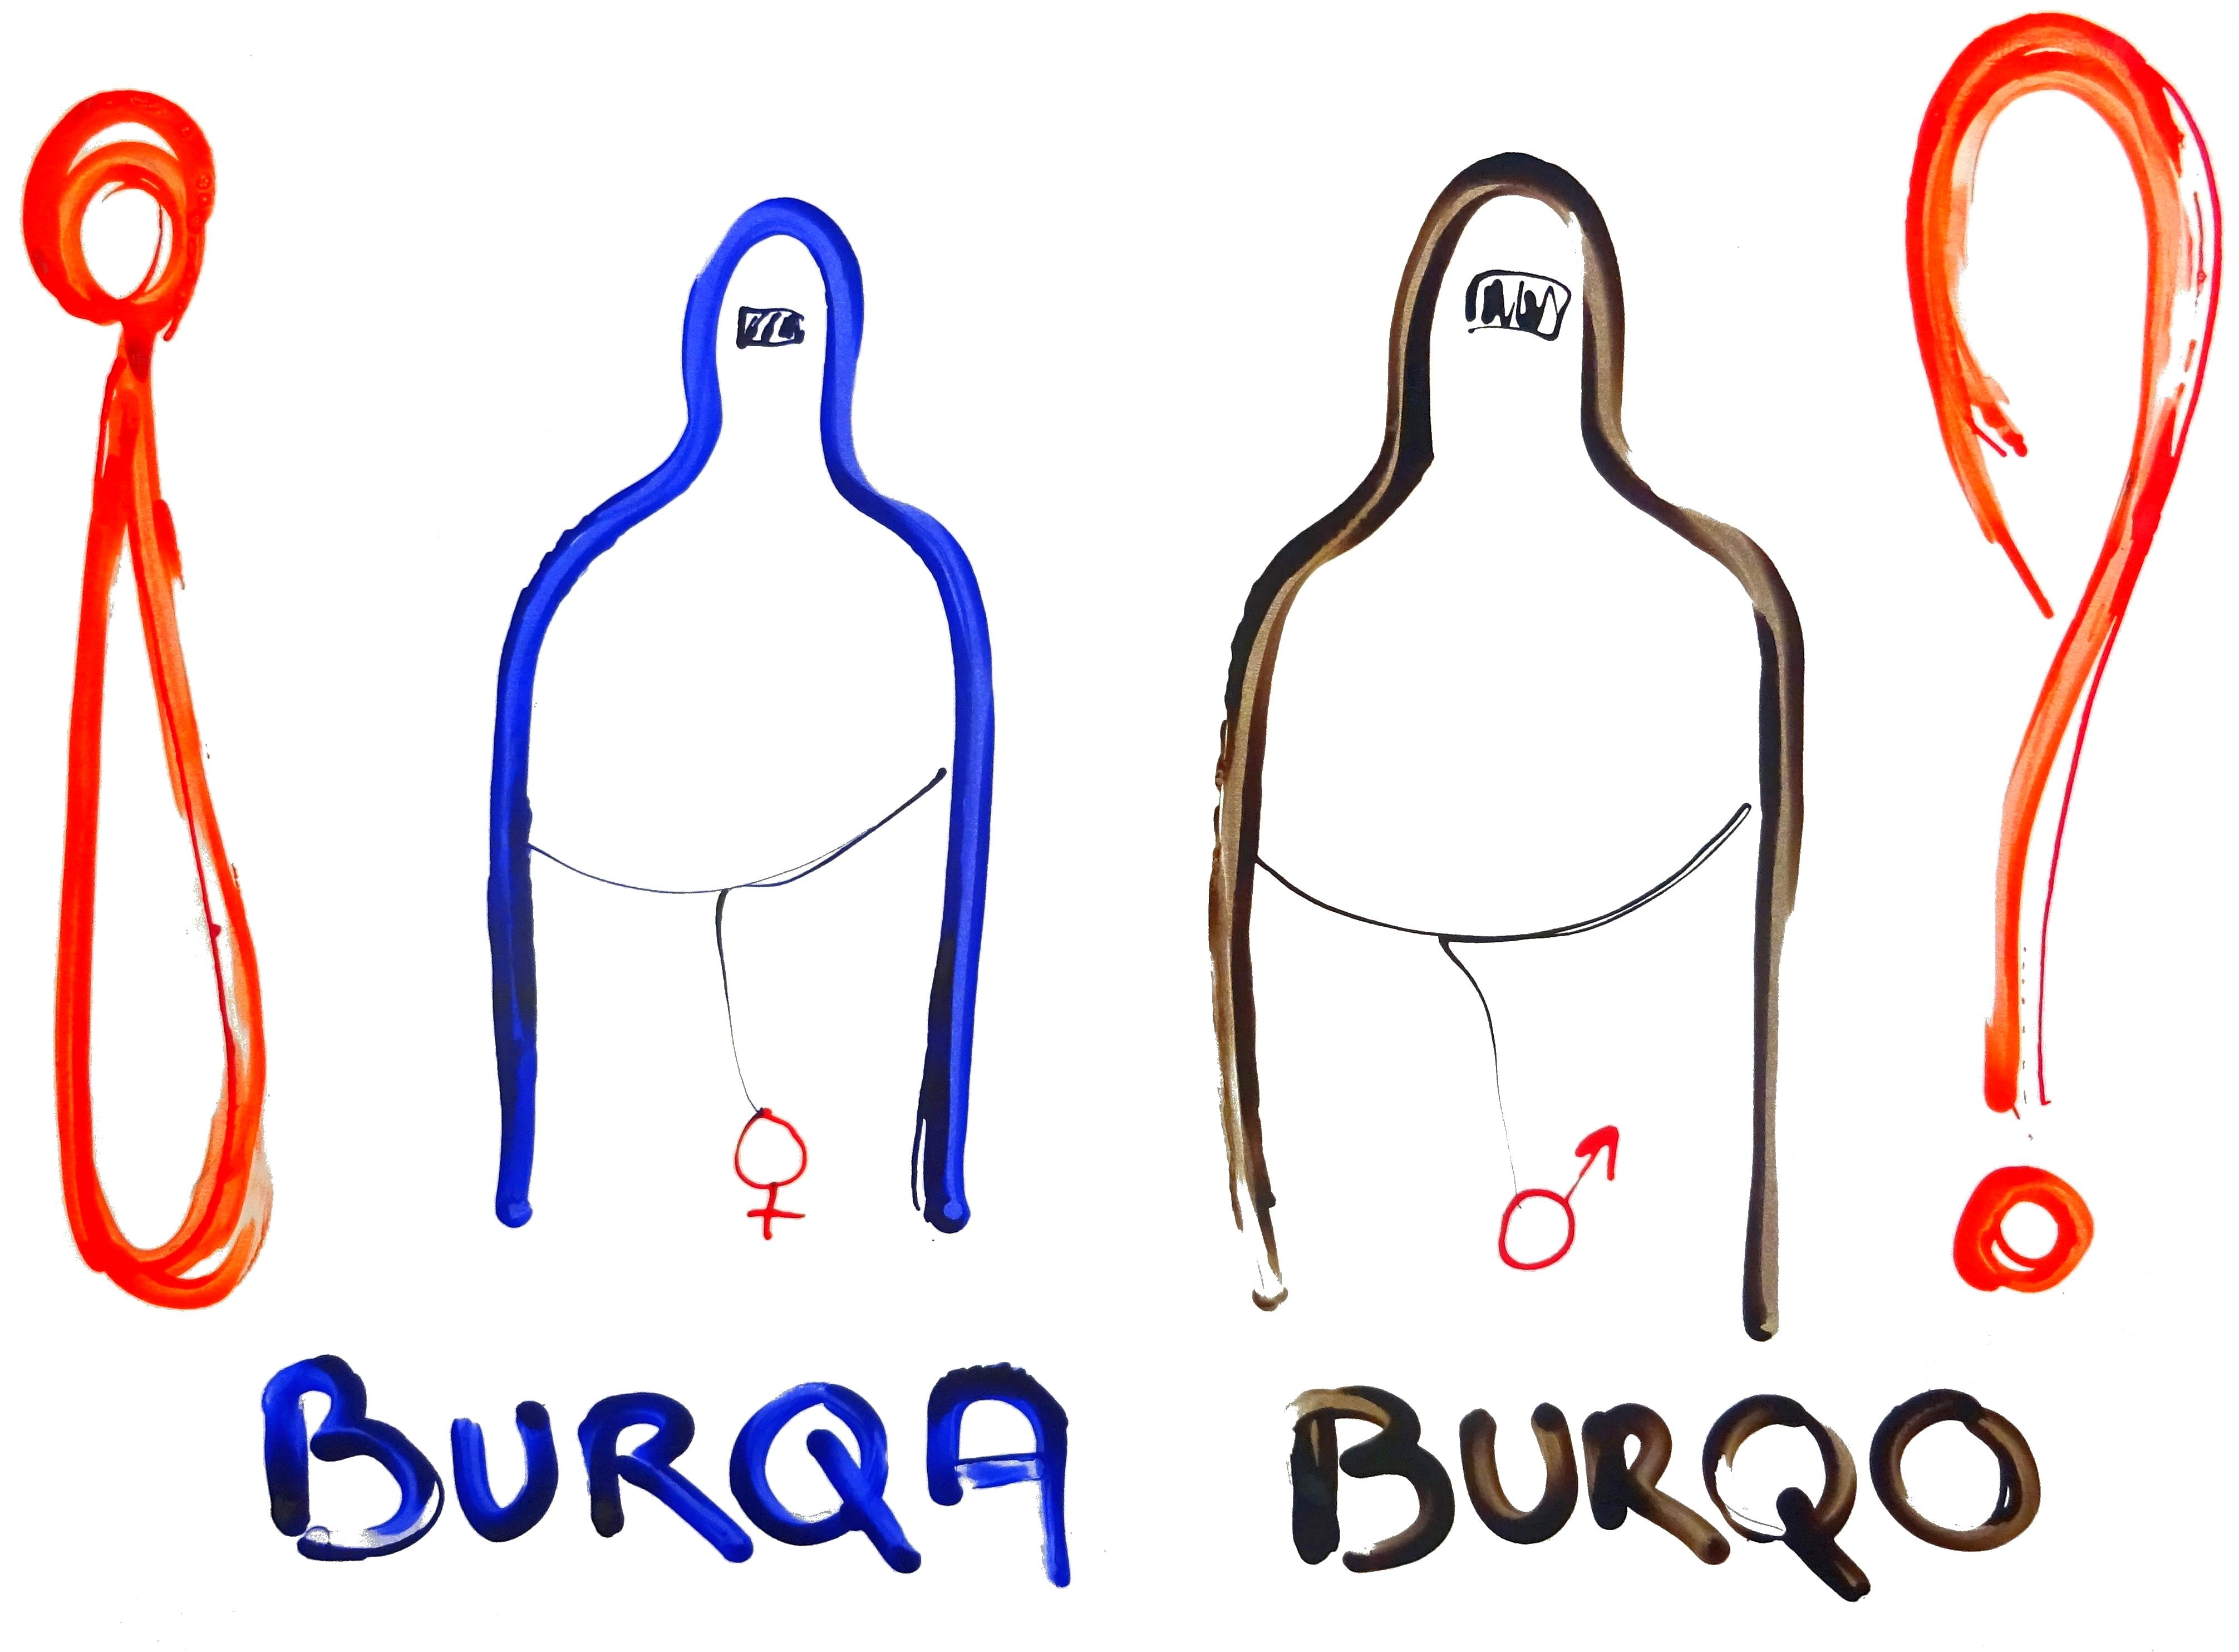 BURQA BURQO_